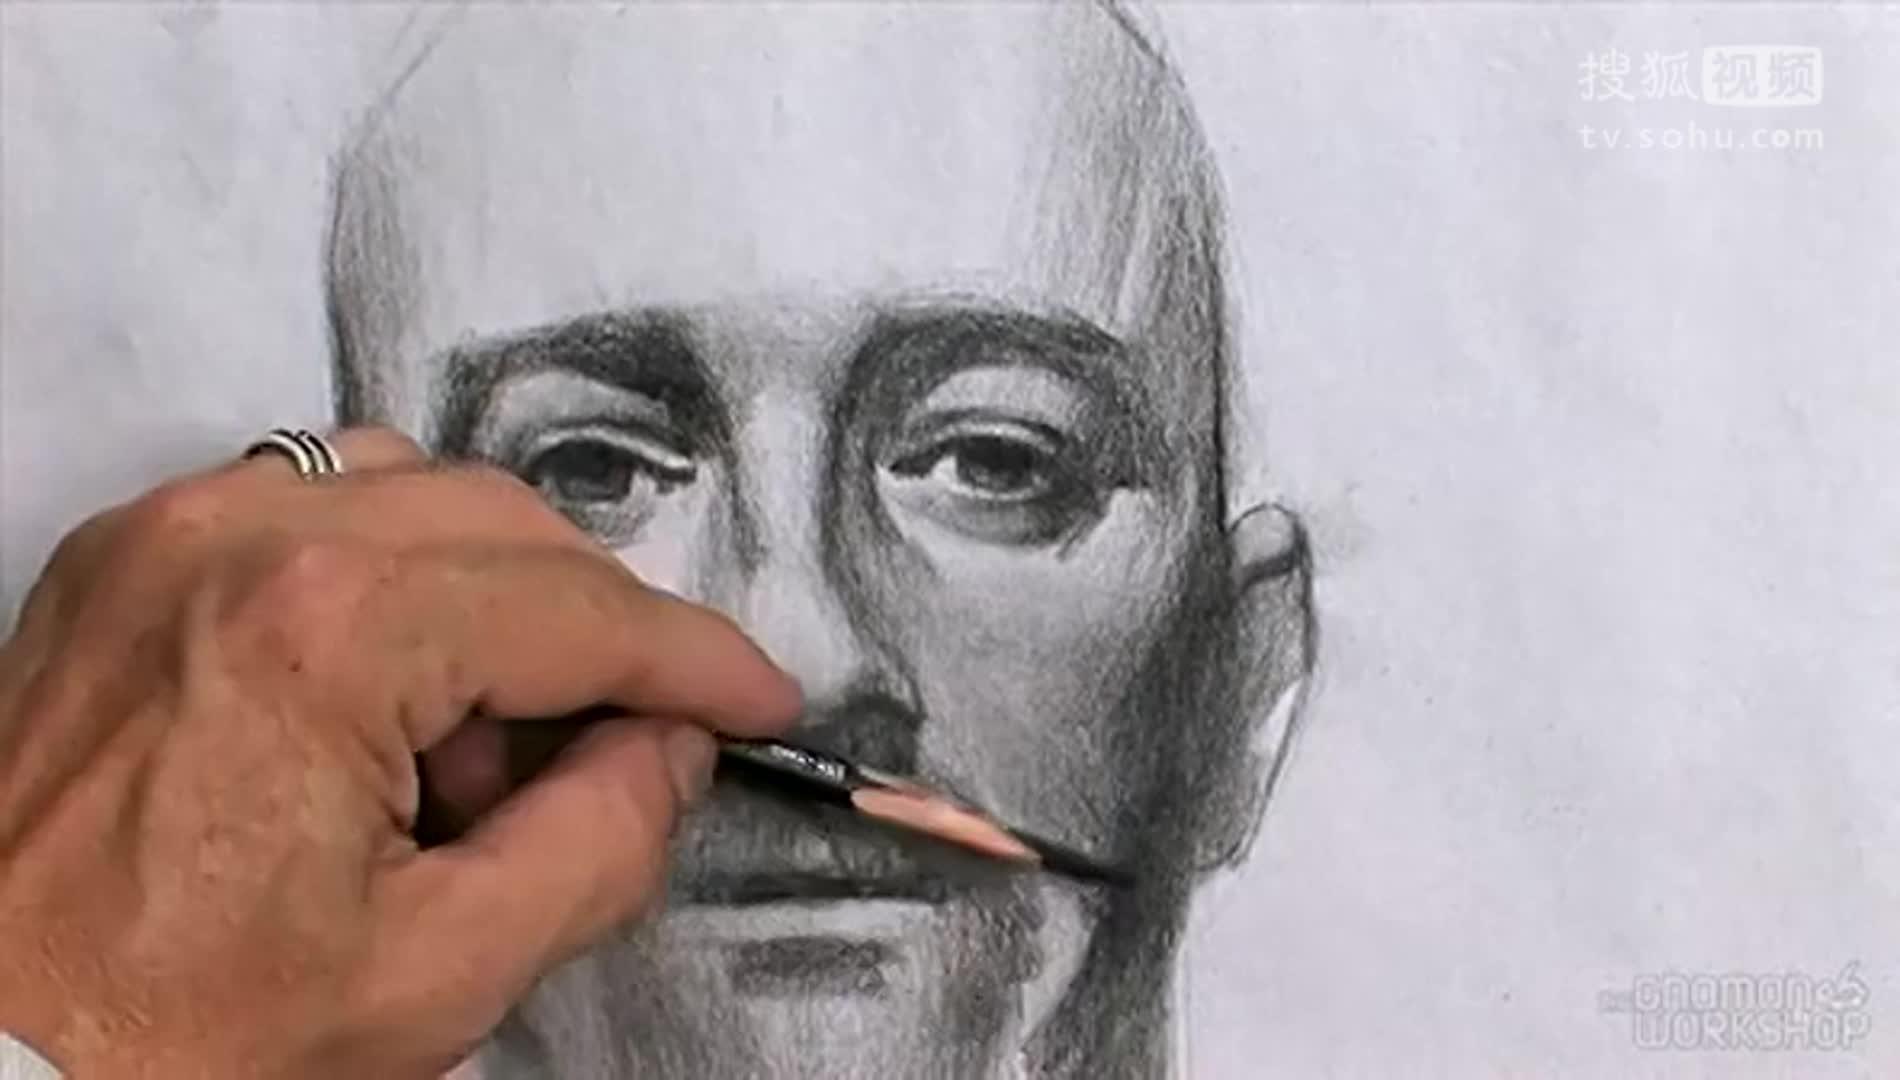 人物素描头像四步骤图-人物头像素描教程-初学者人物头像素描-素描人